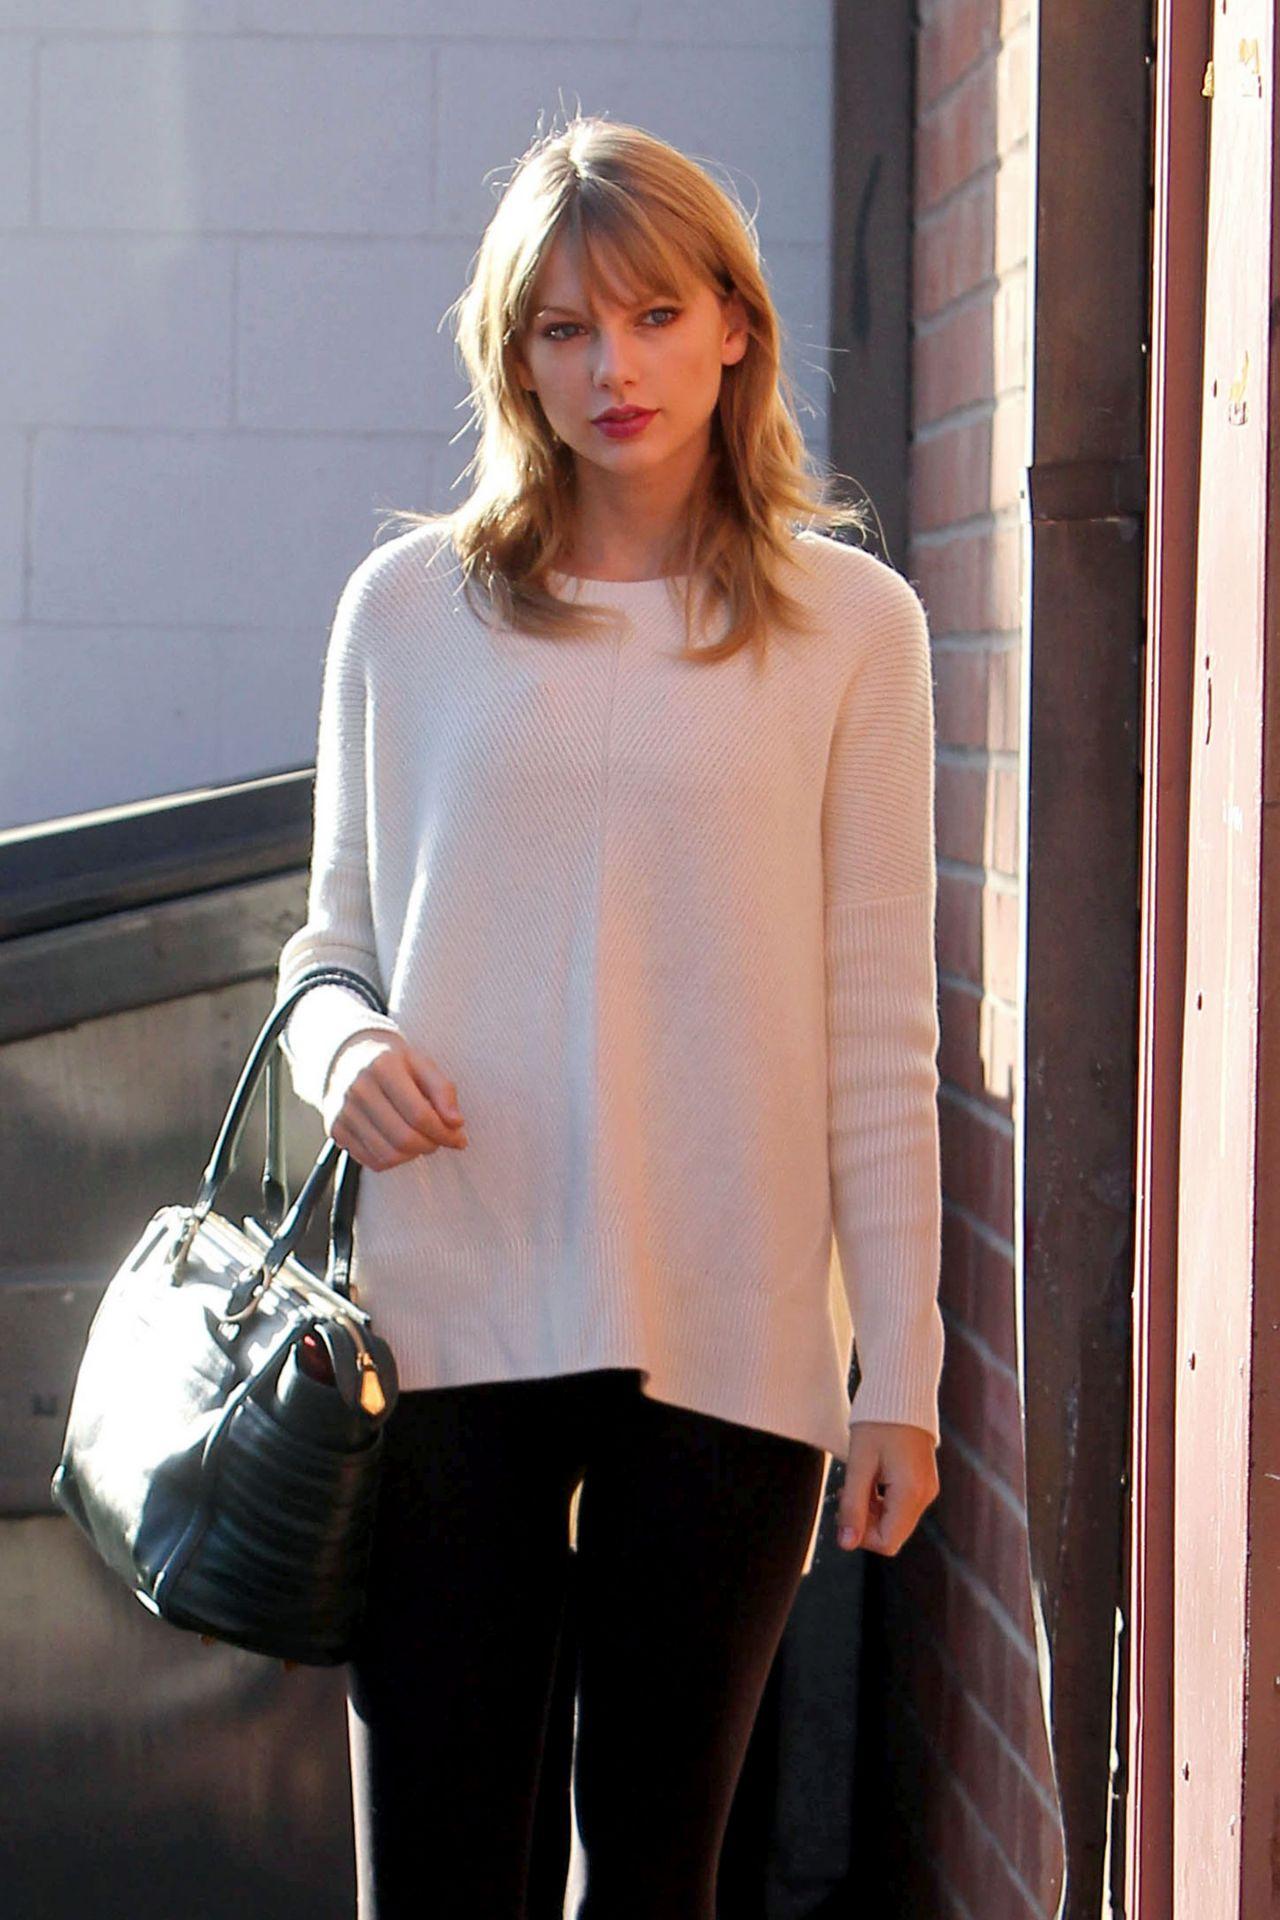 Taylor Swift Street Style - Arriving to a Dance Studio in LA